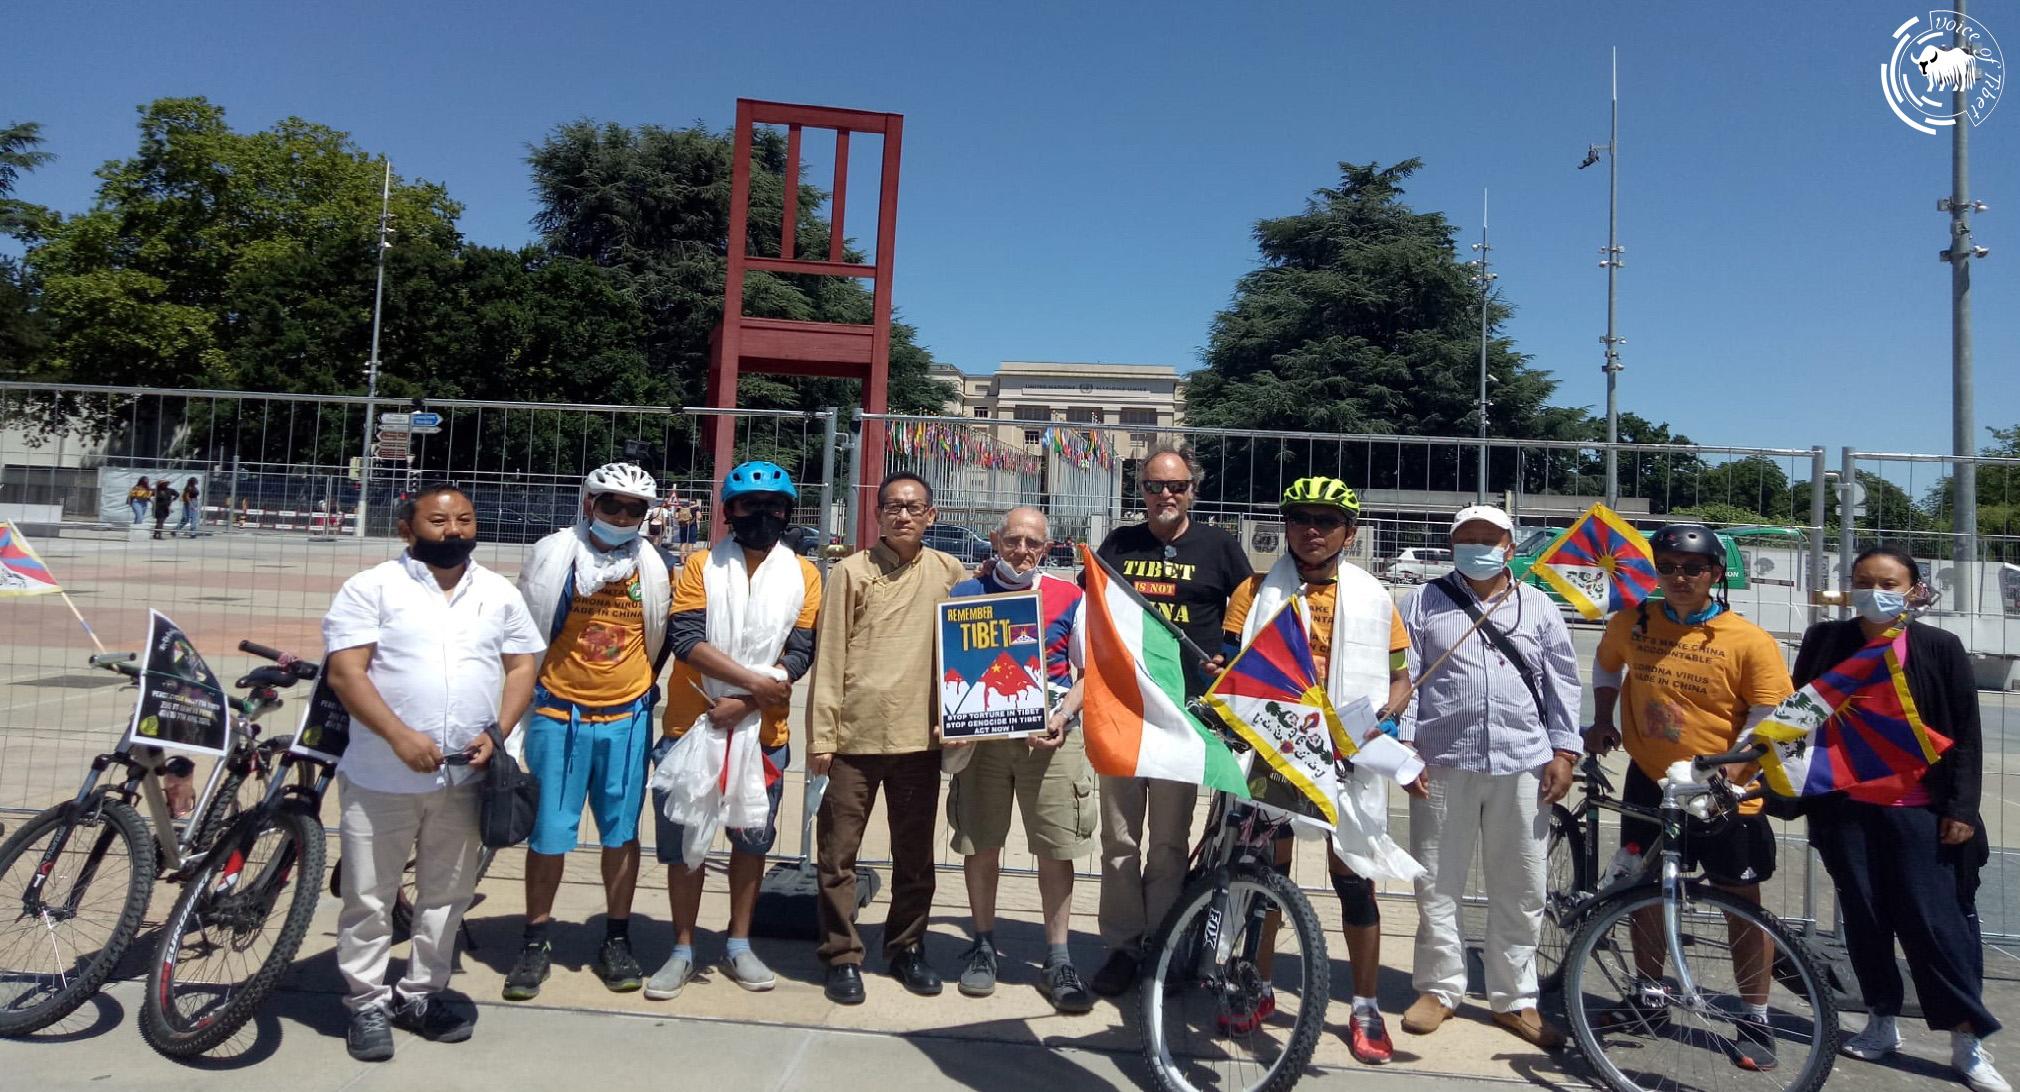 瑞士流亡藏人圆满结束单车巡游,并呼吁藏人为西藏事业贡献